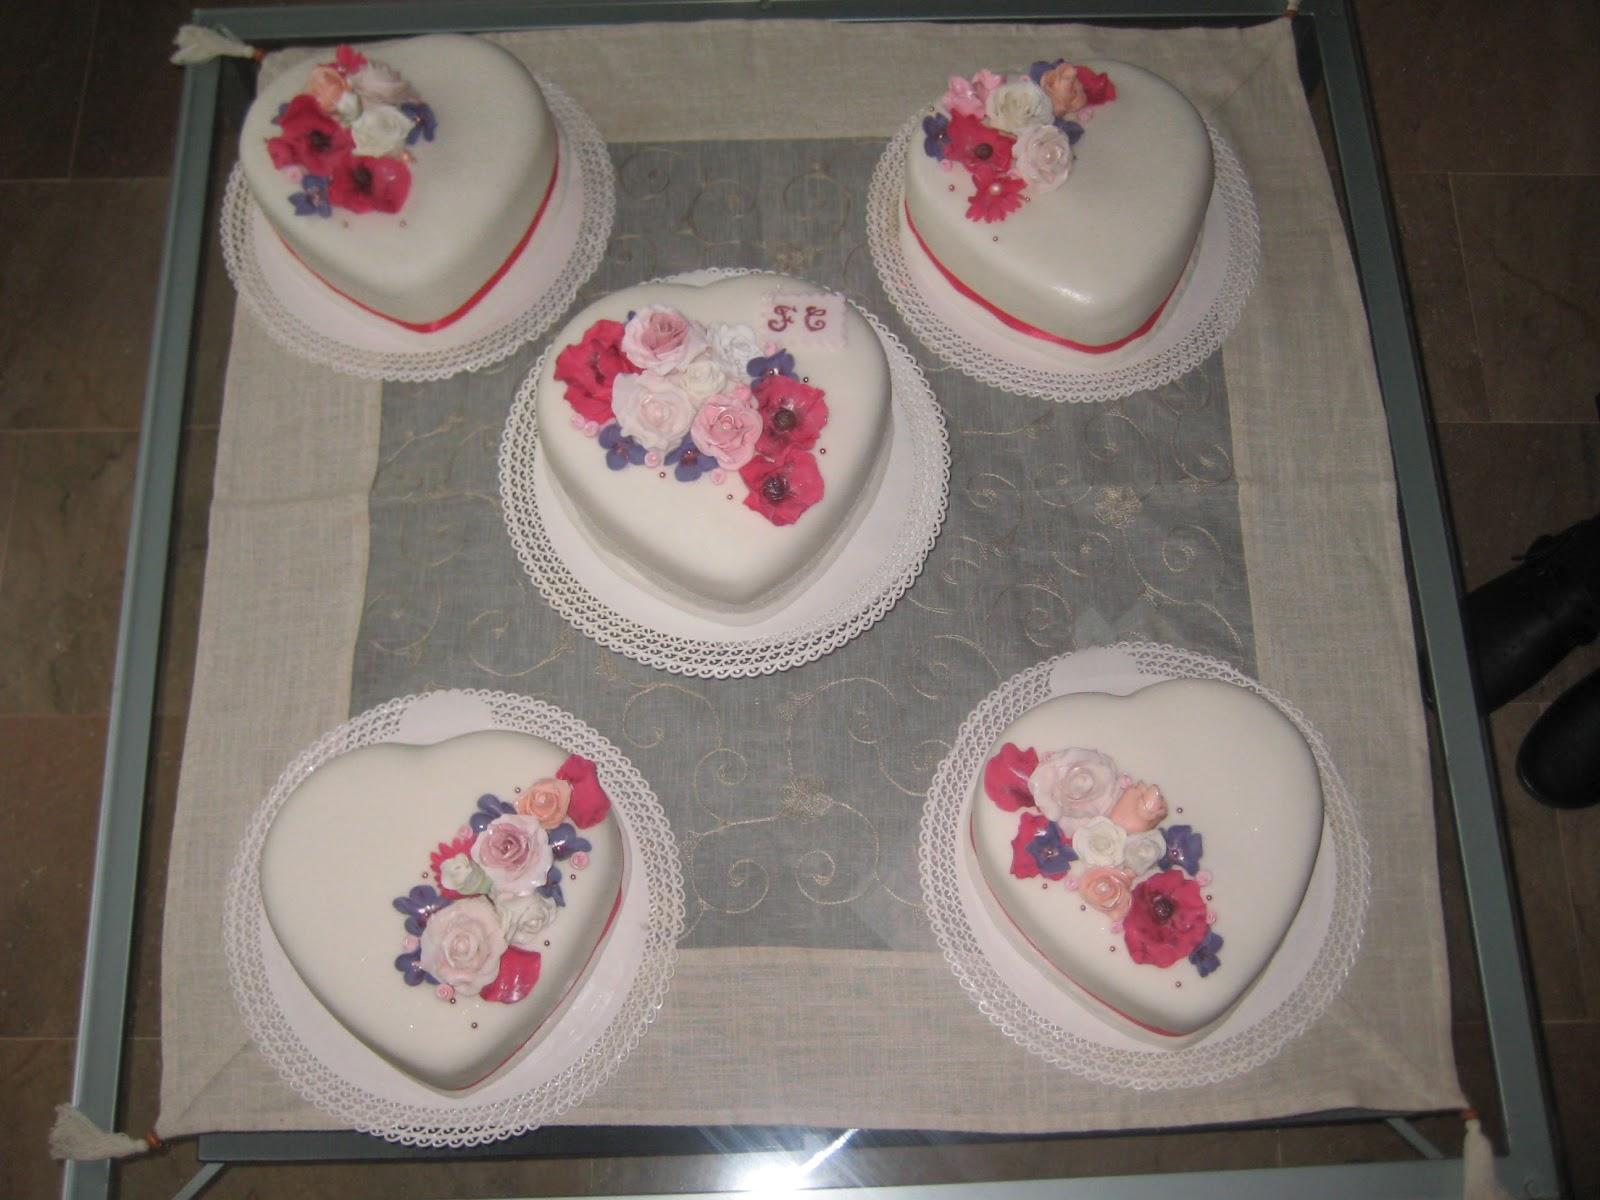 Pasteles De Boda Con Flores: Pastel De Boda Fondant: Corazones Con Flores